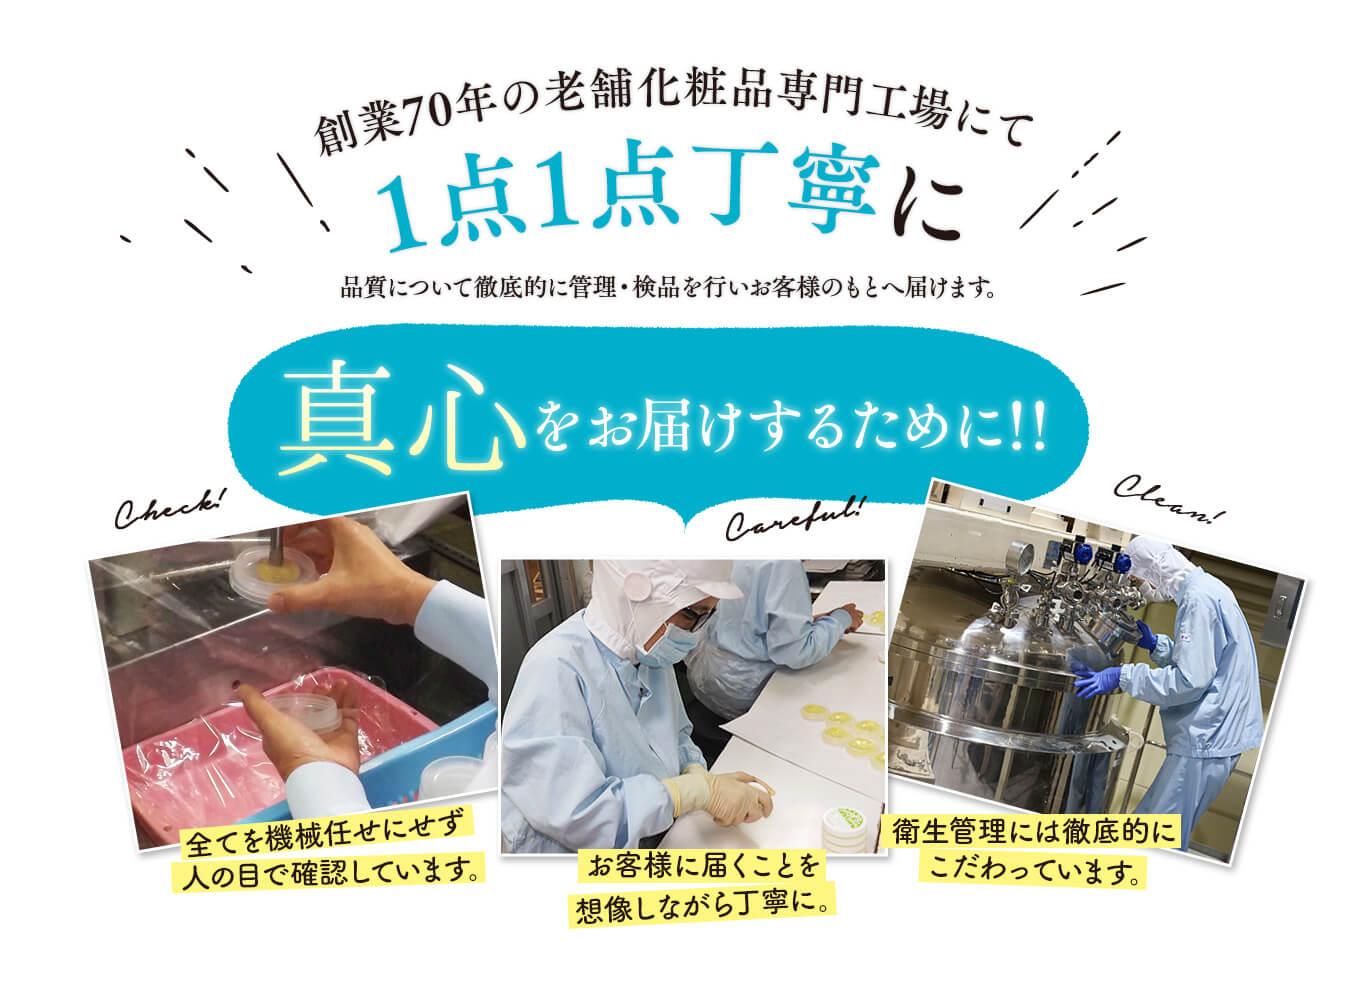 わらび肌 創業70年の老舗化粧品専門工場にて1点1点丁寧に!安心をお届け!